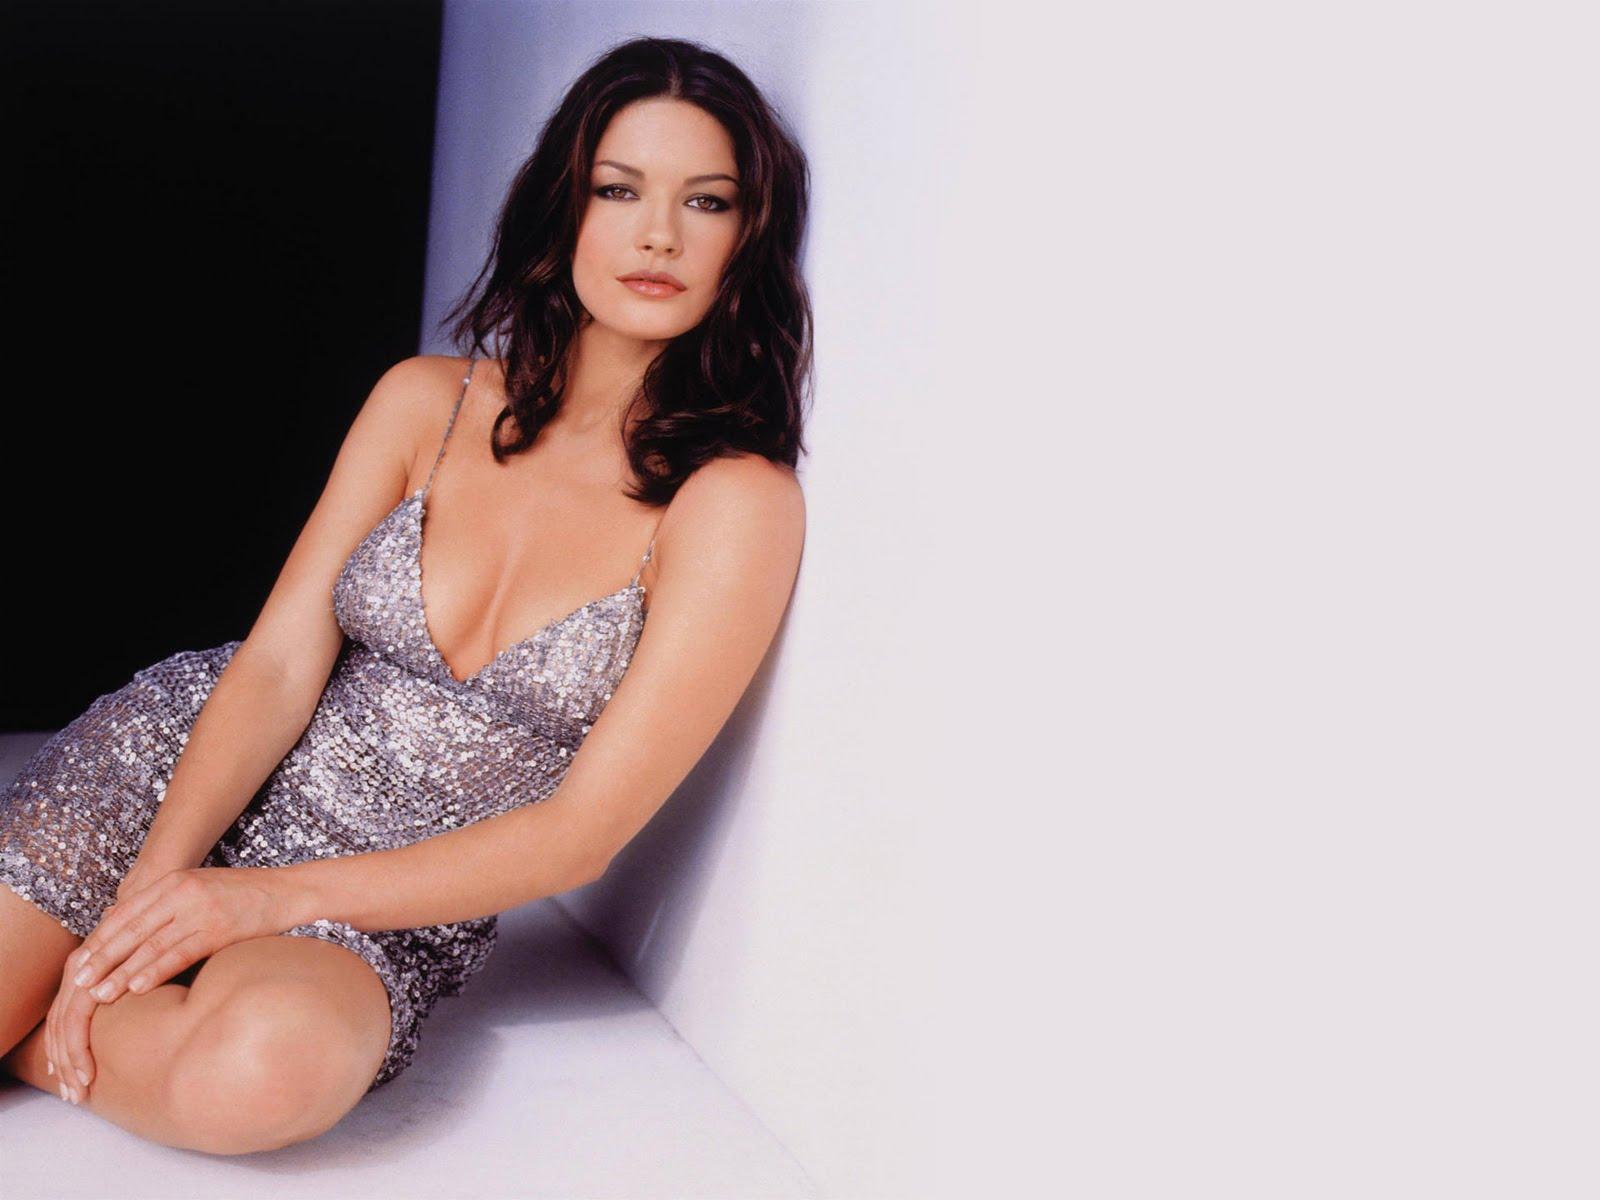 zeta jones sexy - photo #10